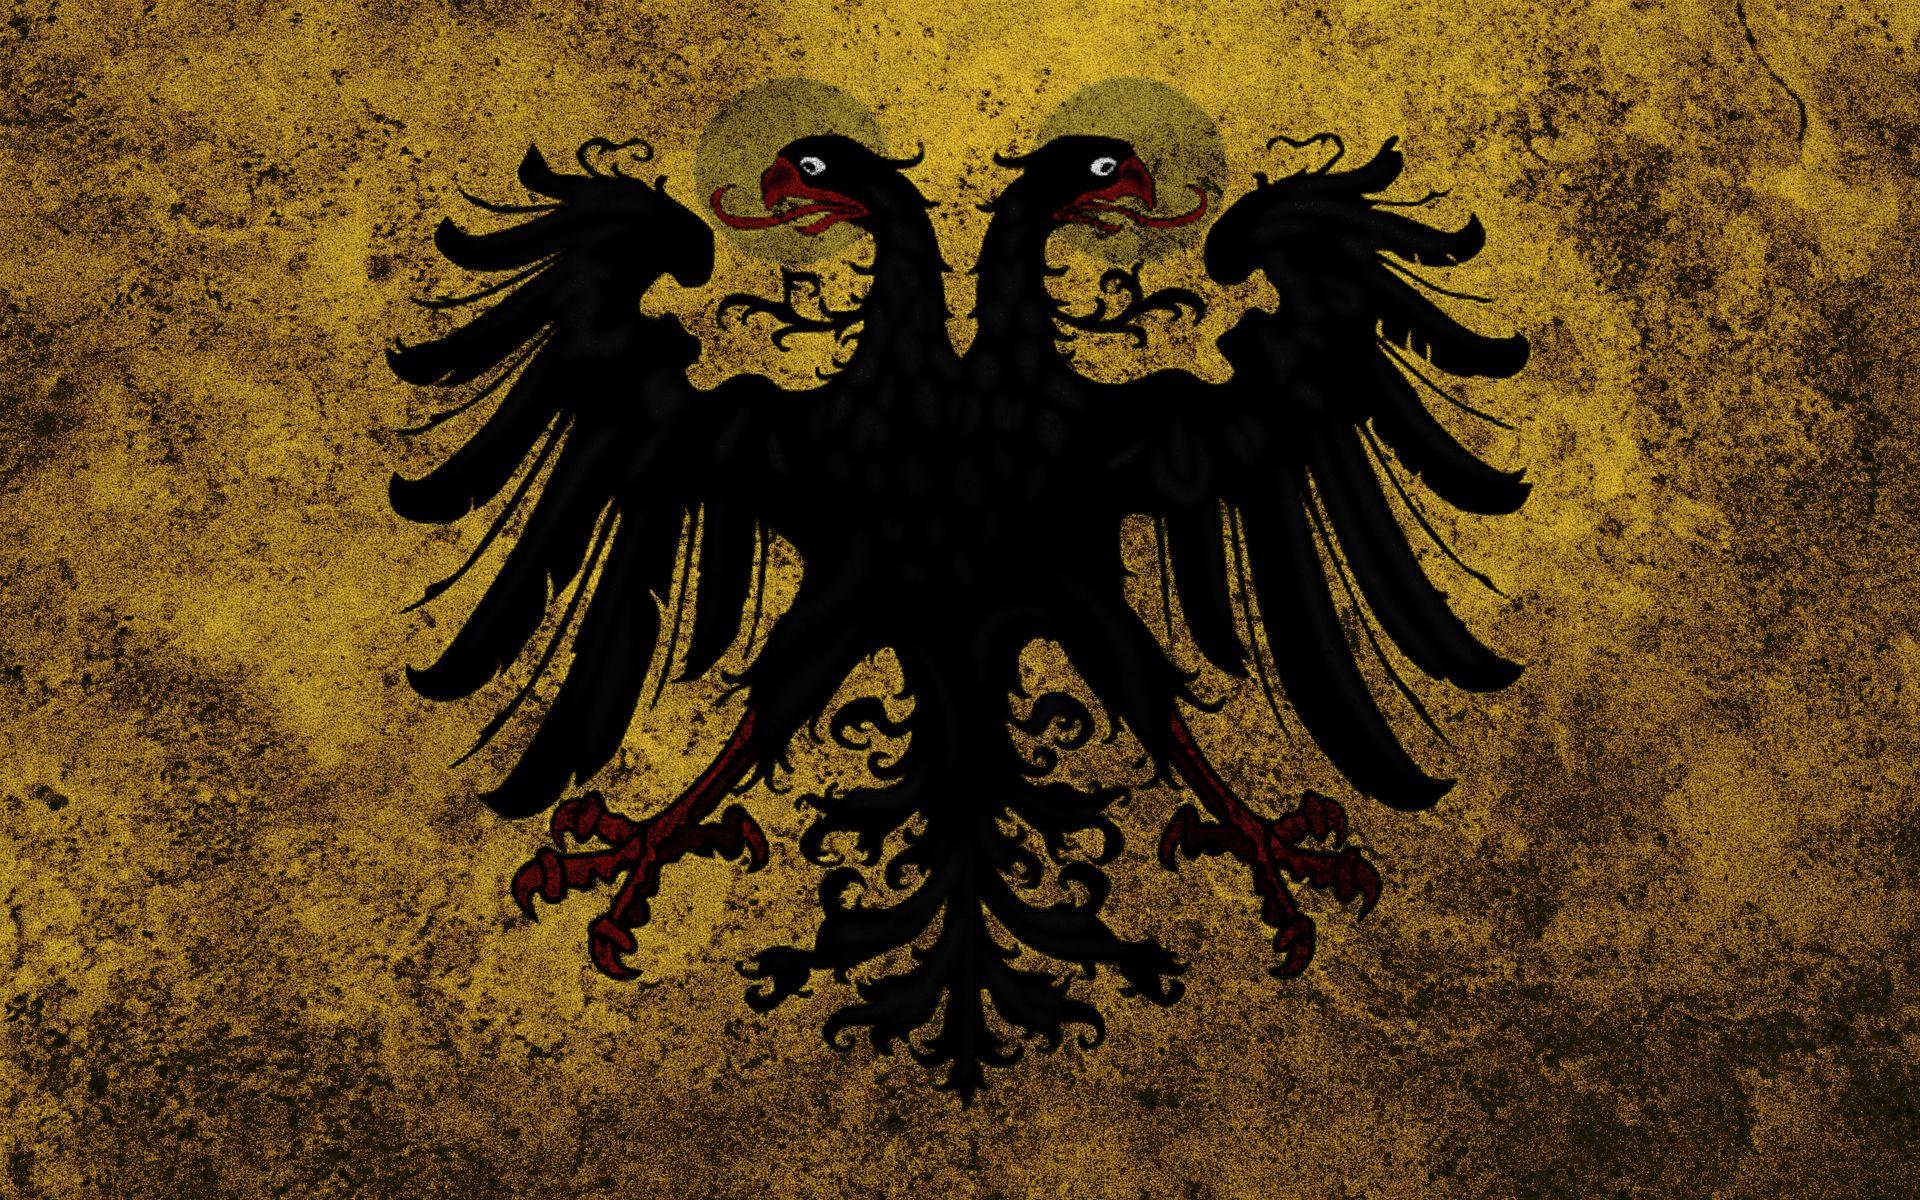 Russian Eagle Russian Empire Russia Wallpaper Flag Eagle Flag Wallpapers Holy Roman Empire Roman Empire Roman Emperor